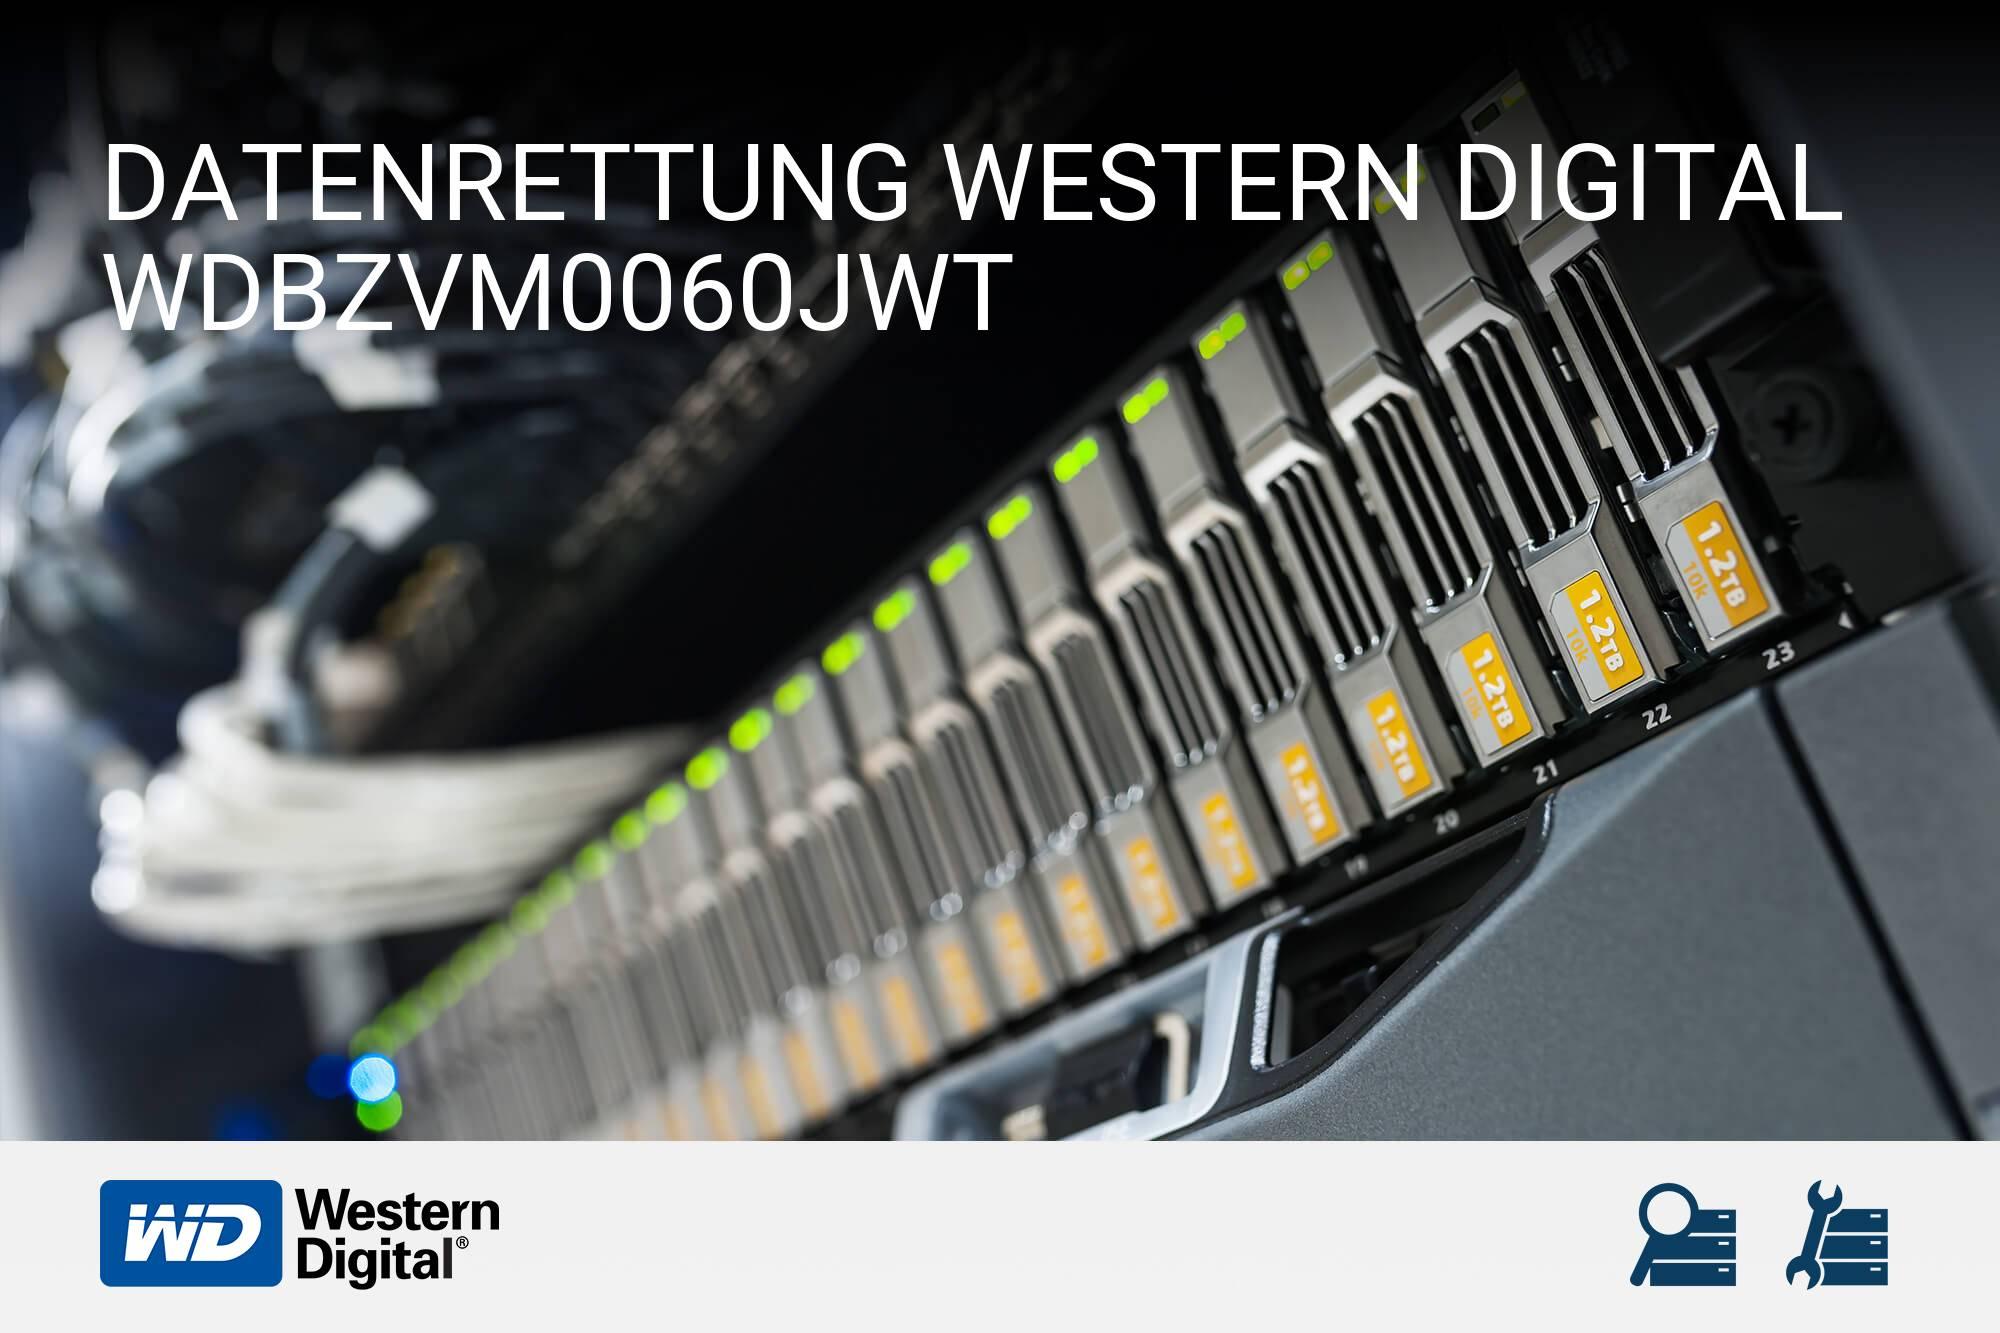 Western Digital WDBZVM0060JWT